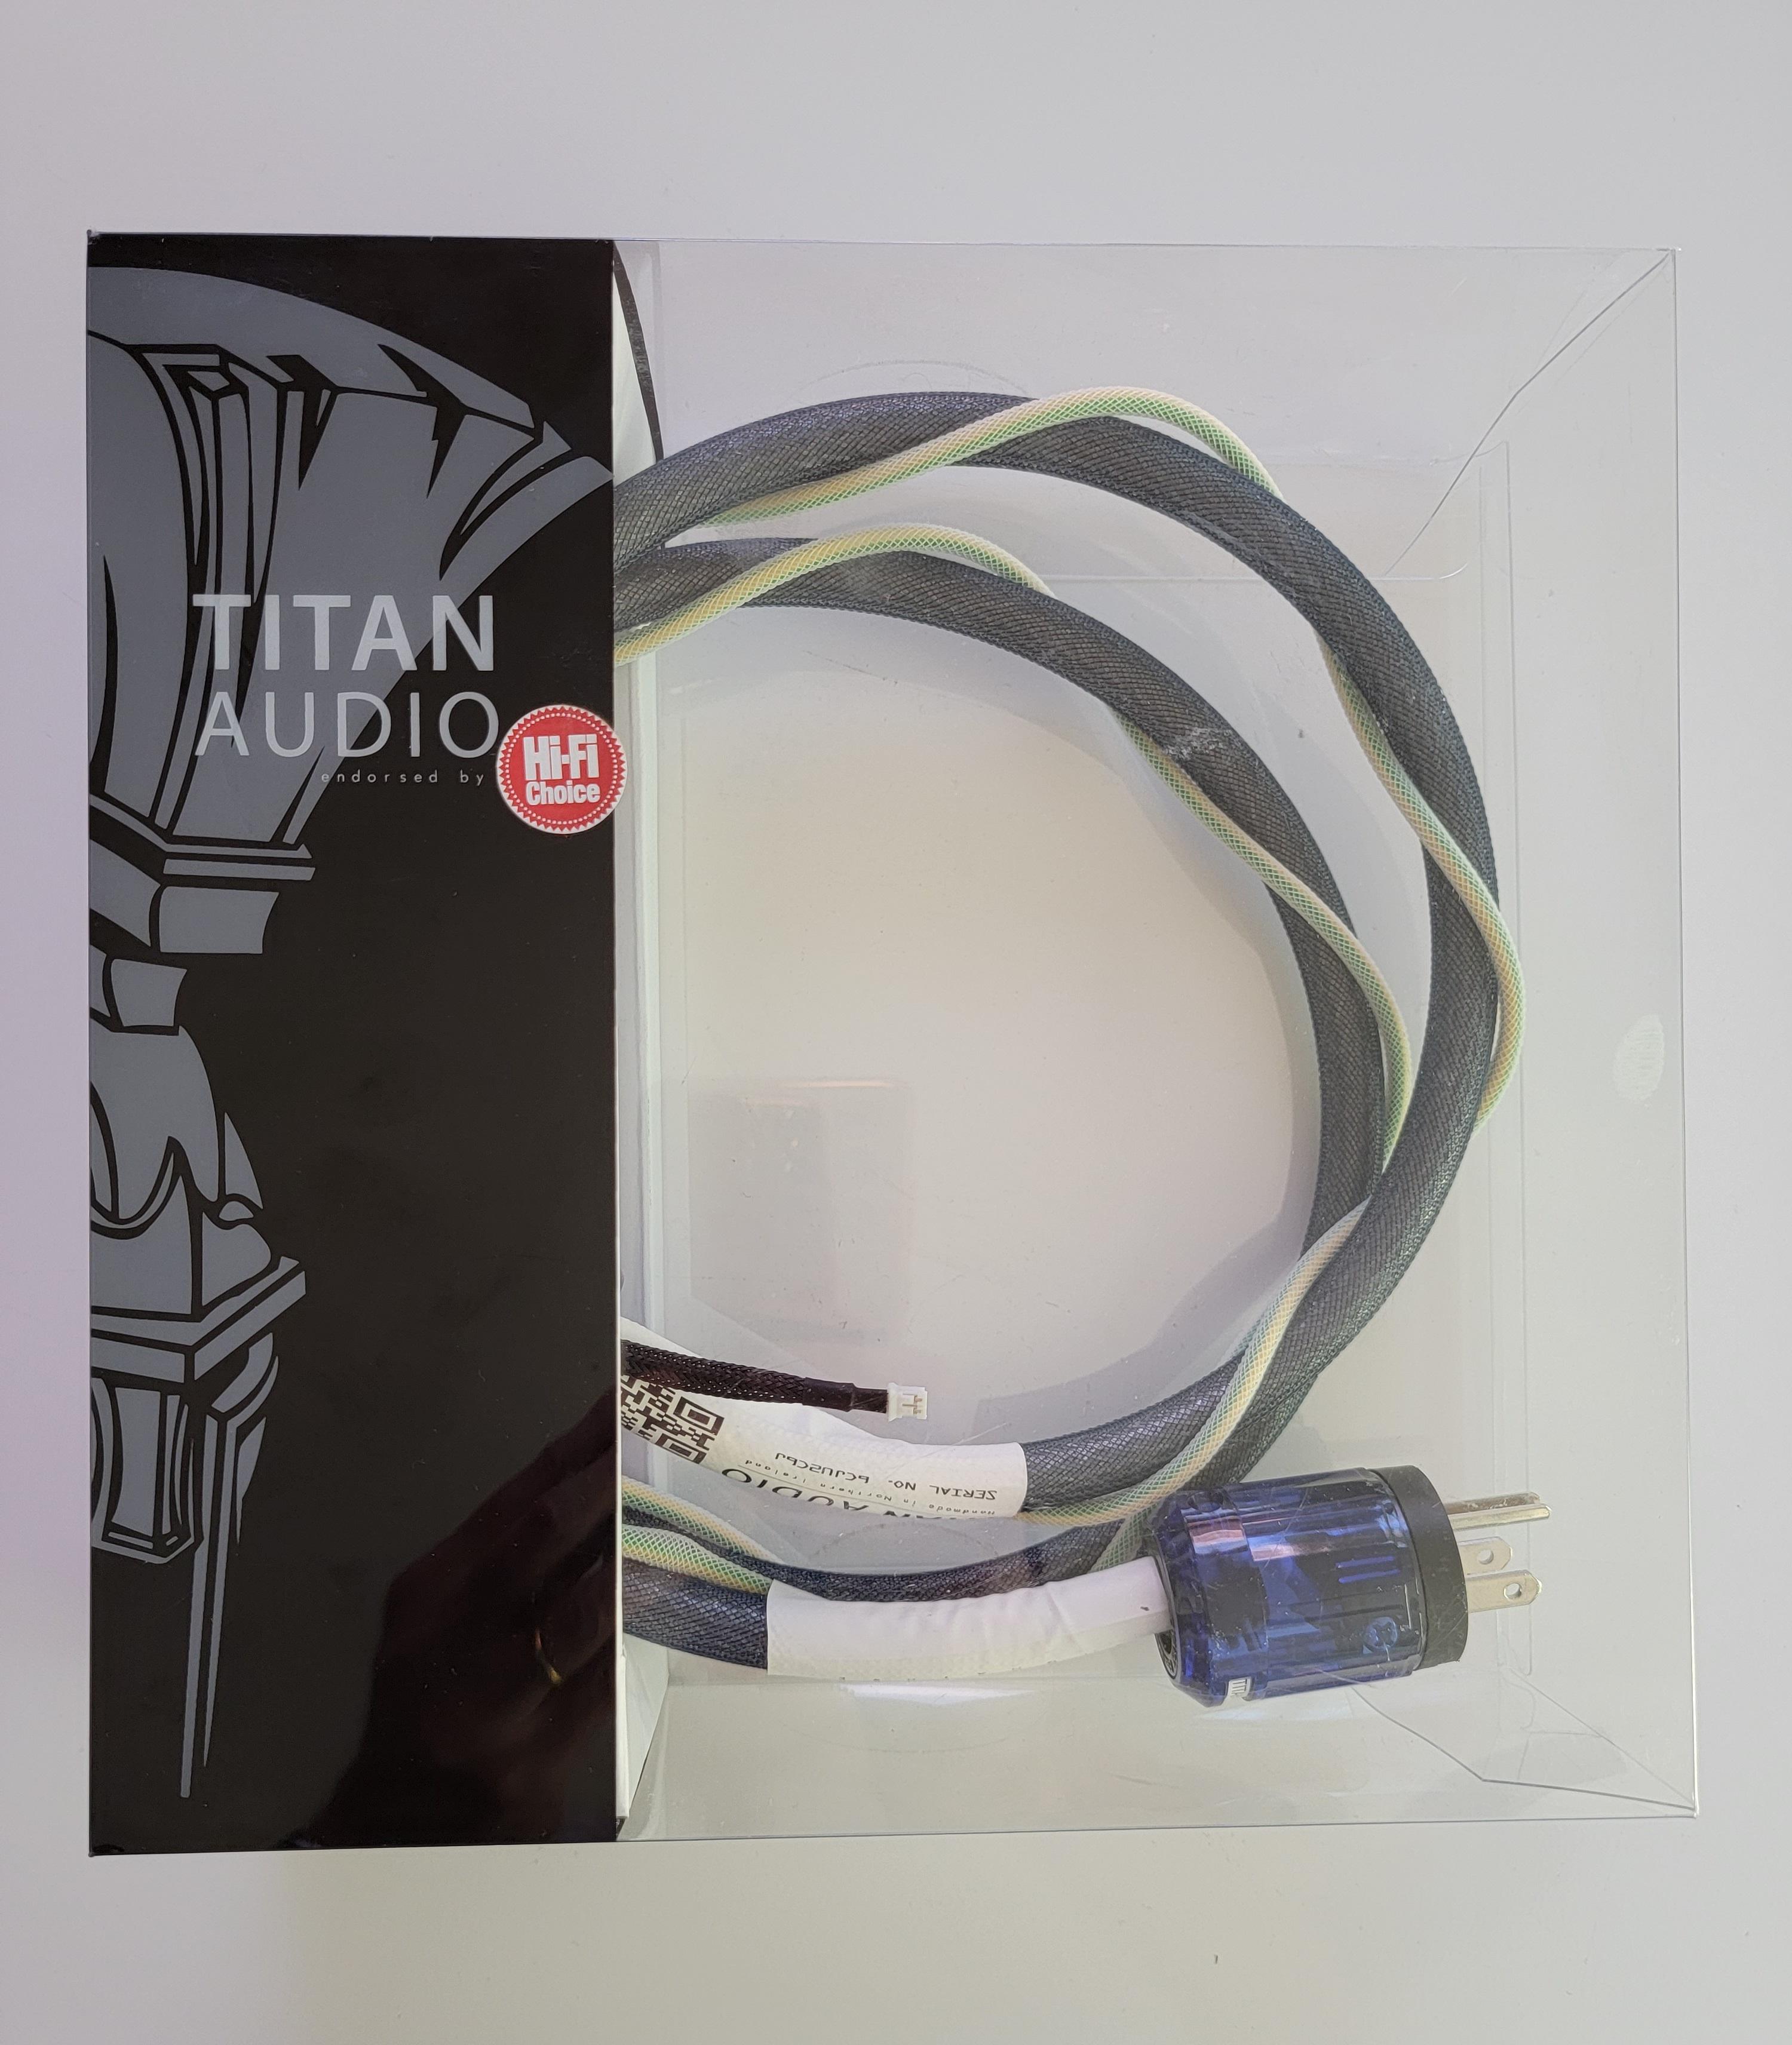 Titan Audio - Helios Signature - Box 1.jpg